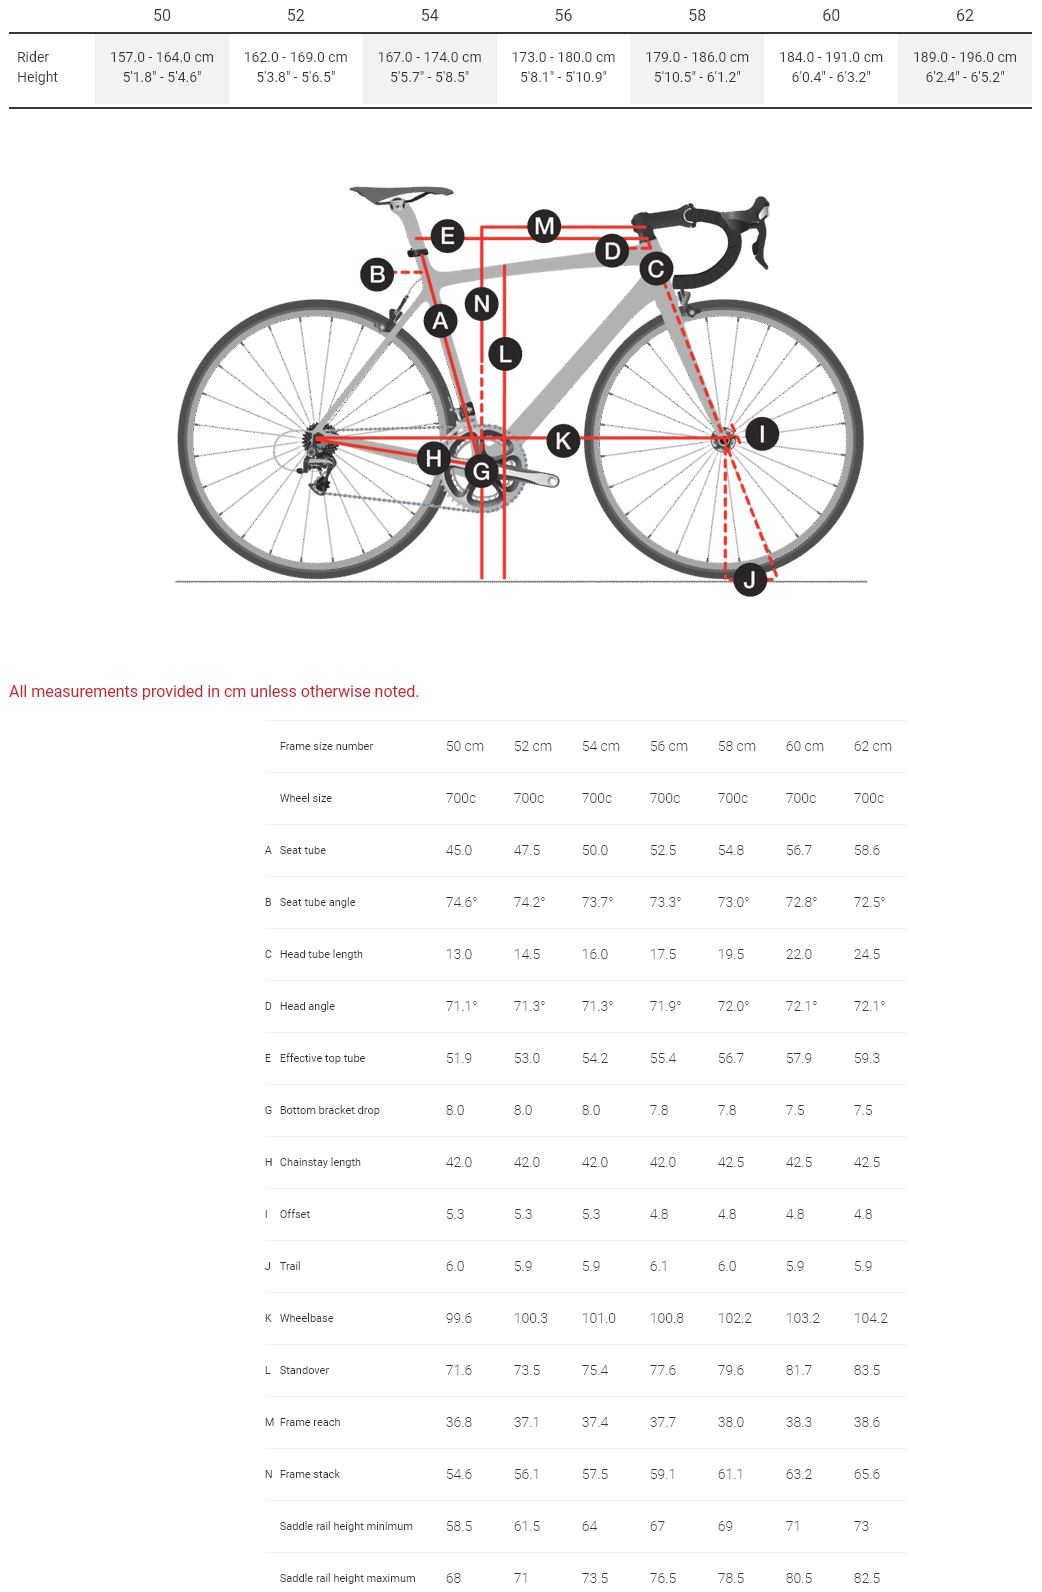 Trek Domane SLR Geometry Chart